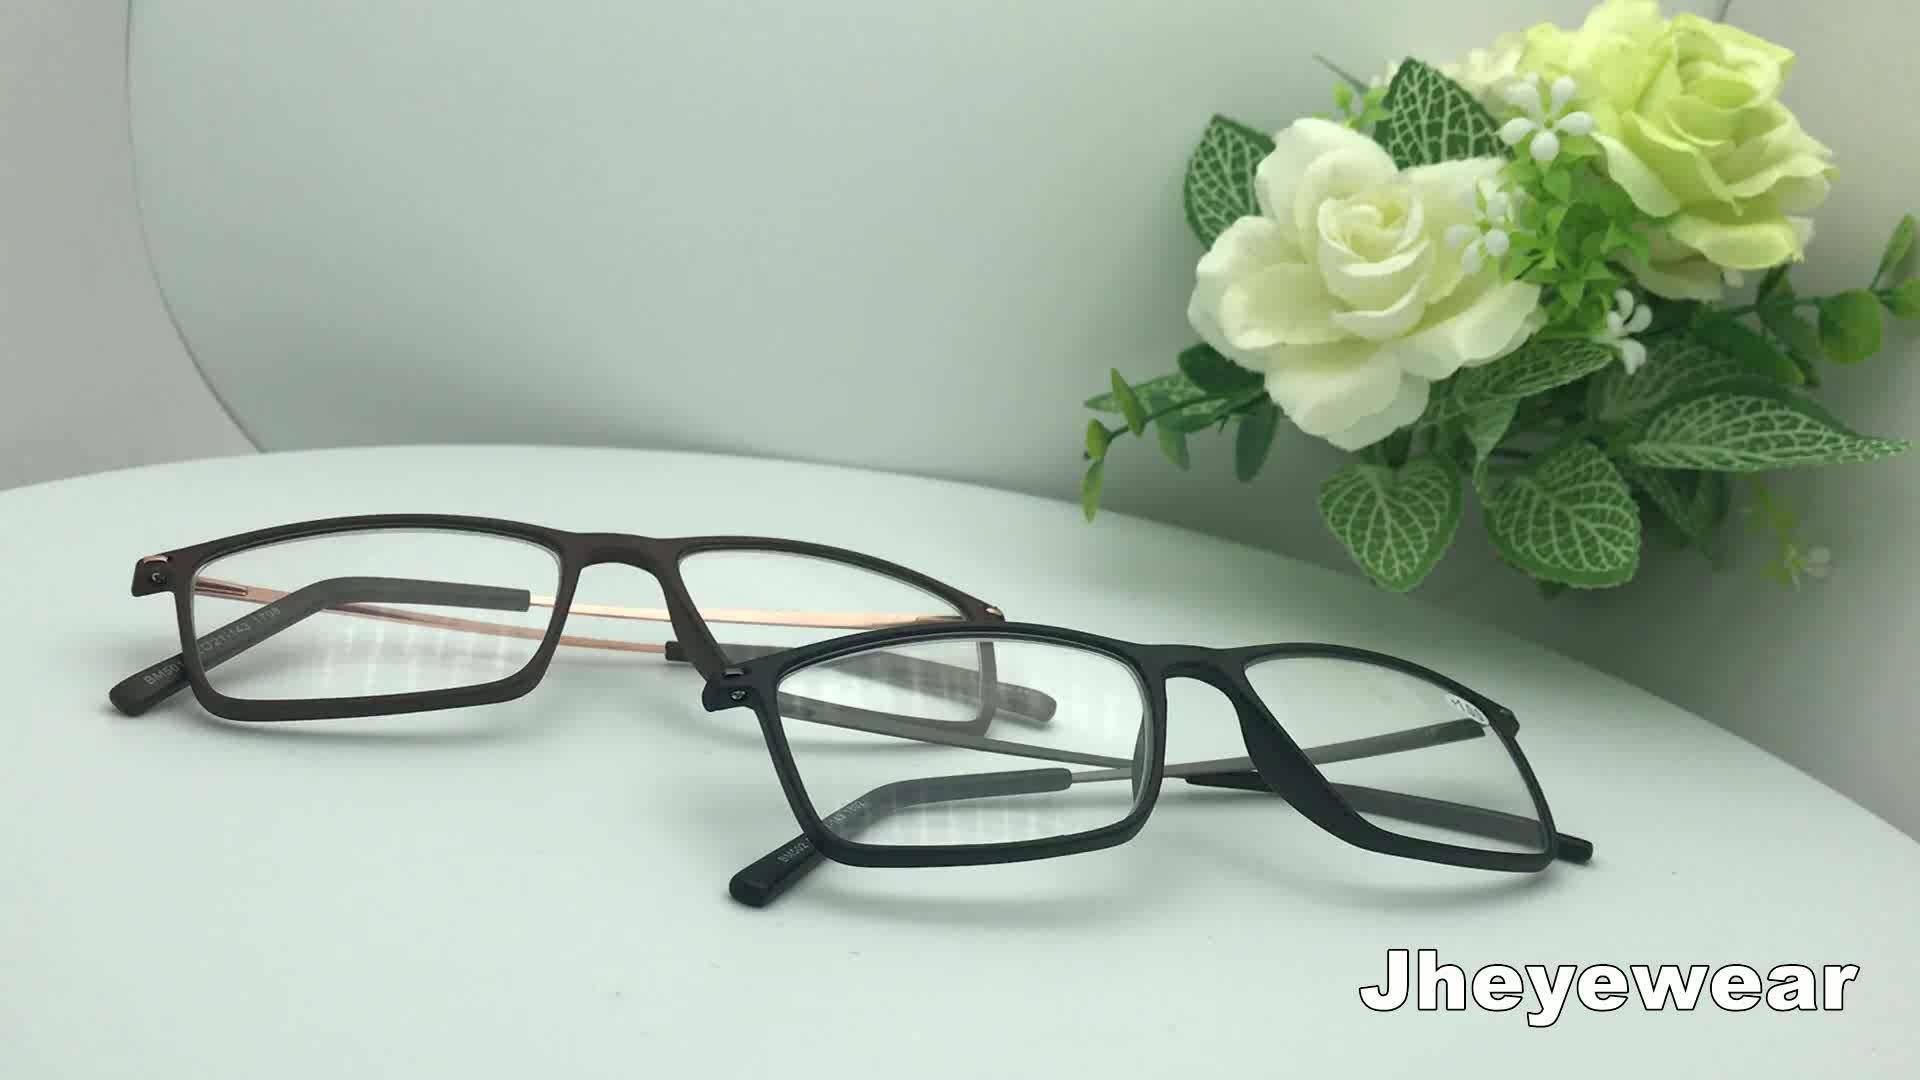 패션 CE 초경량 수지 소재 여성 남성 안경 돋보기 안경 읽기 여성 남성